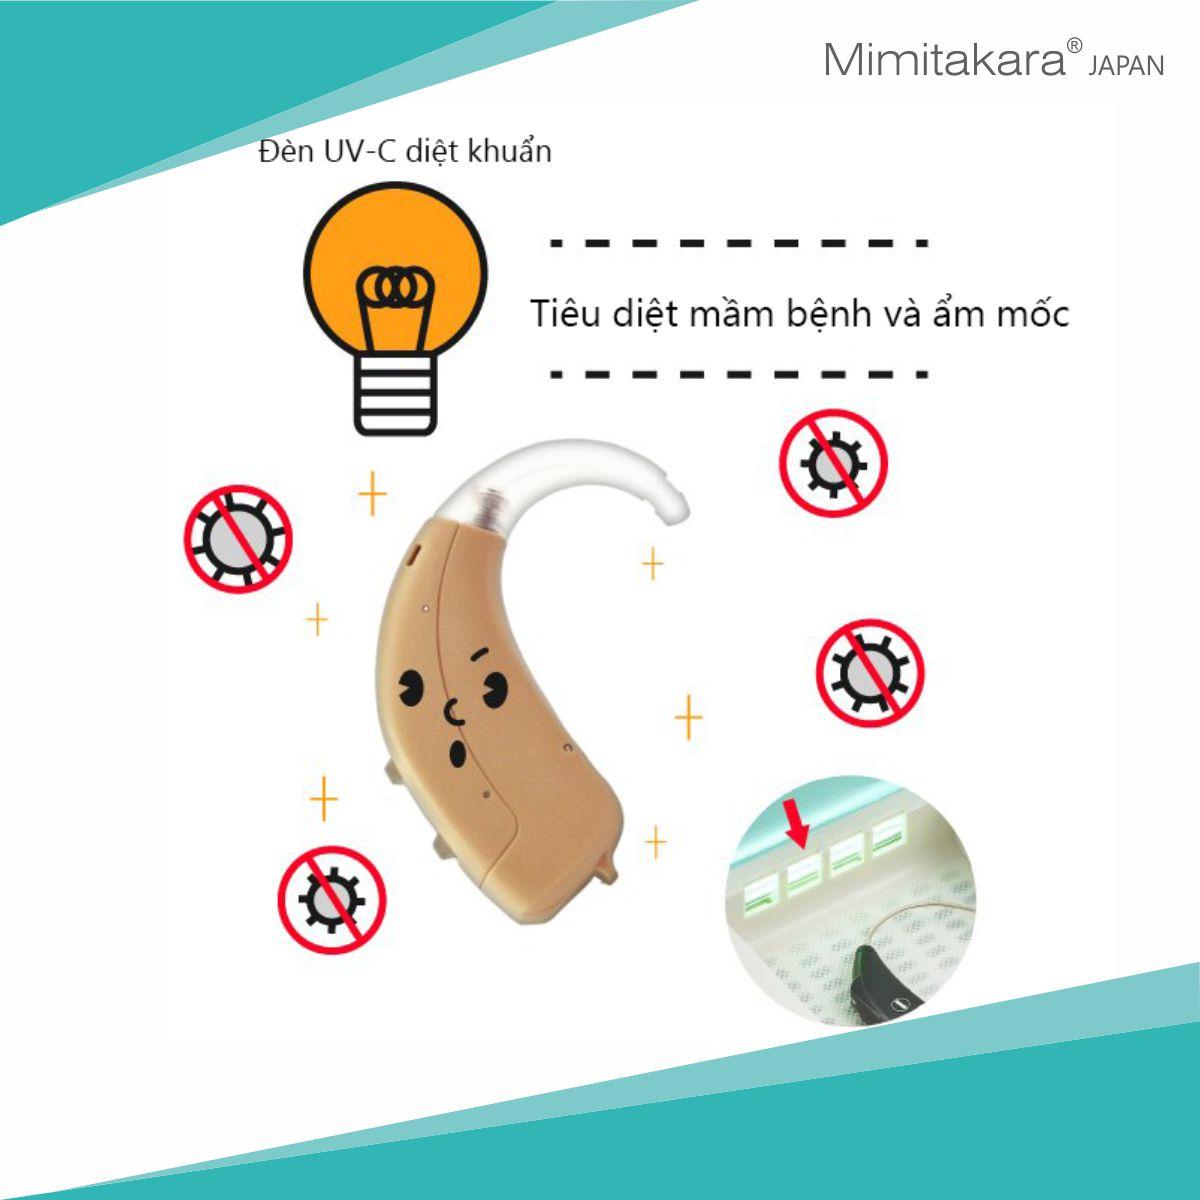 Máy sấy, diệt khuẩn UV-C, thiết kế cầm tay Mimitakara. Nguồn USB 5V 2A UP-221(Hàng nhập khẩu)